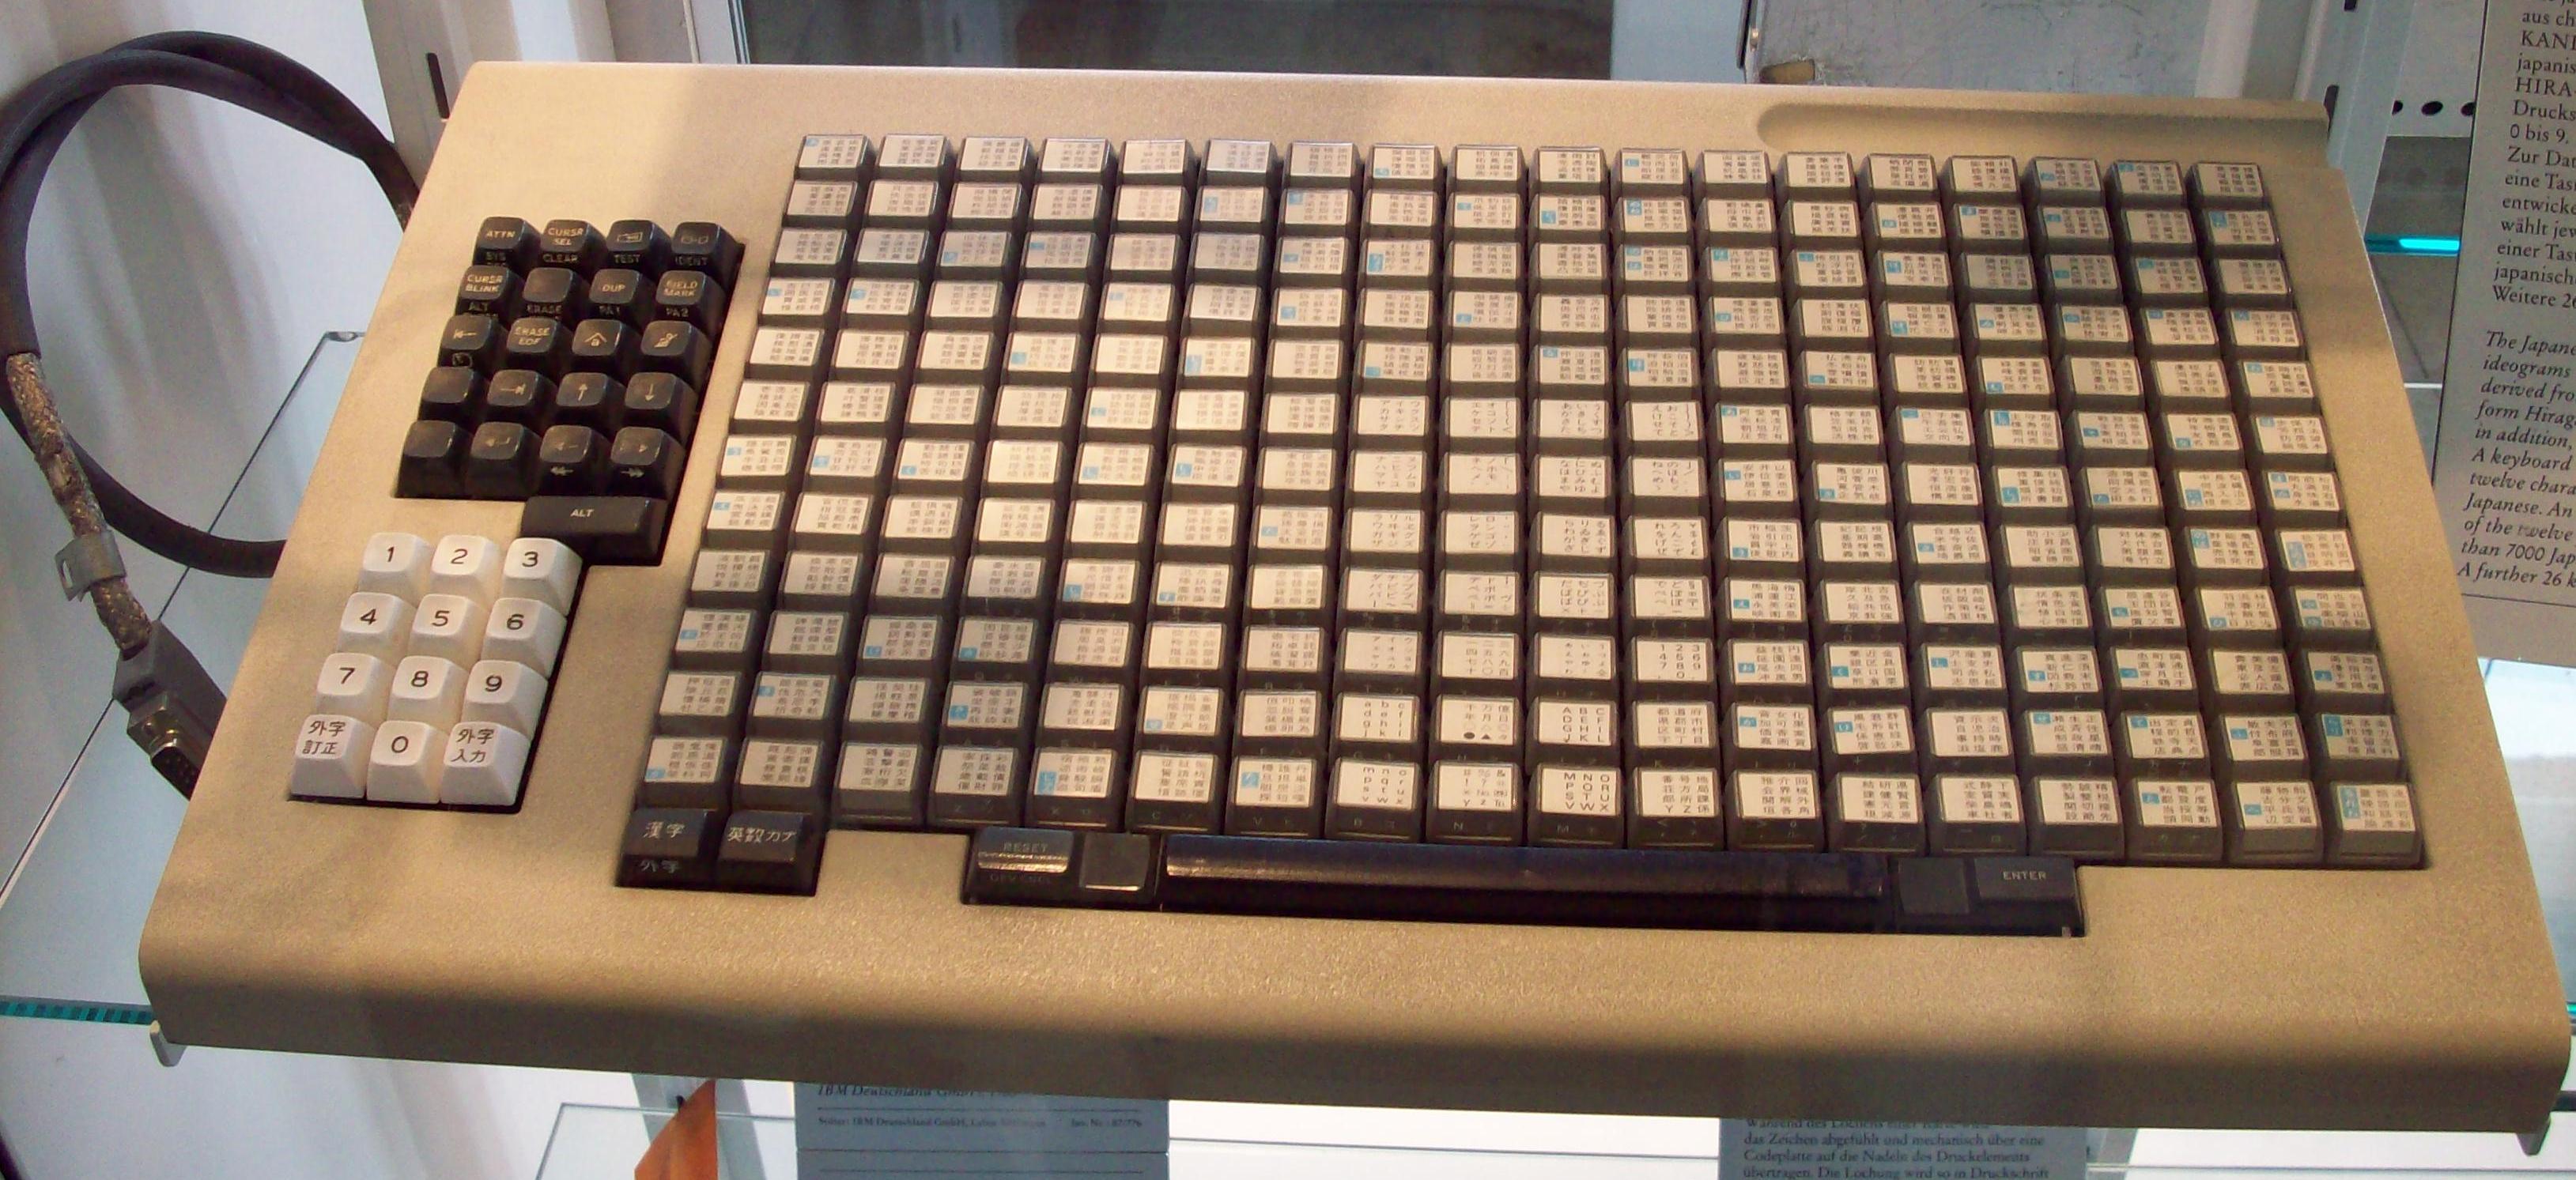 Japanische tastatur